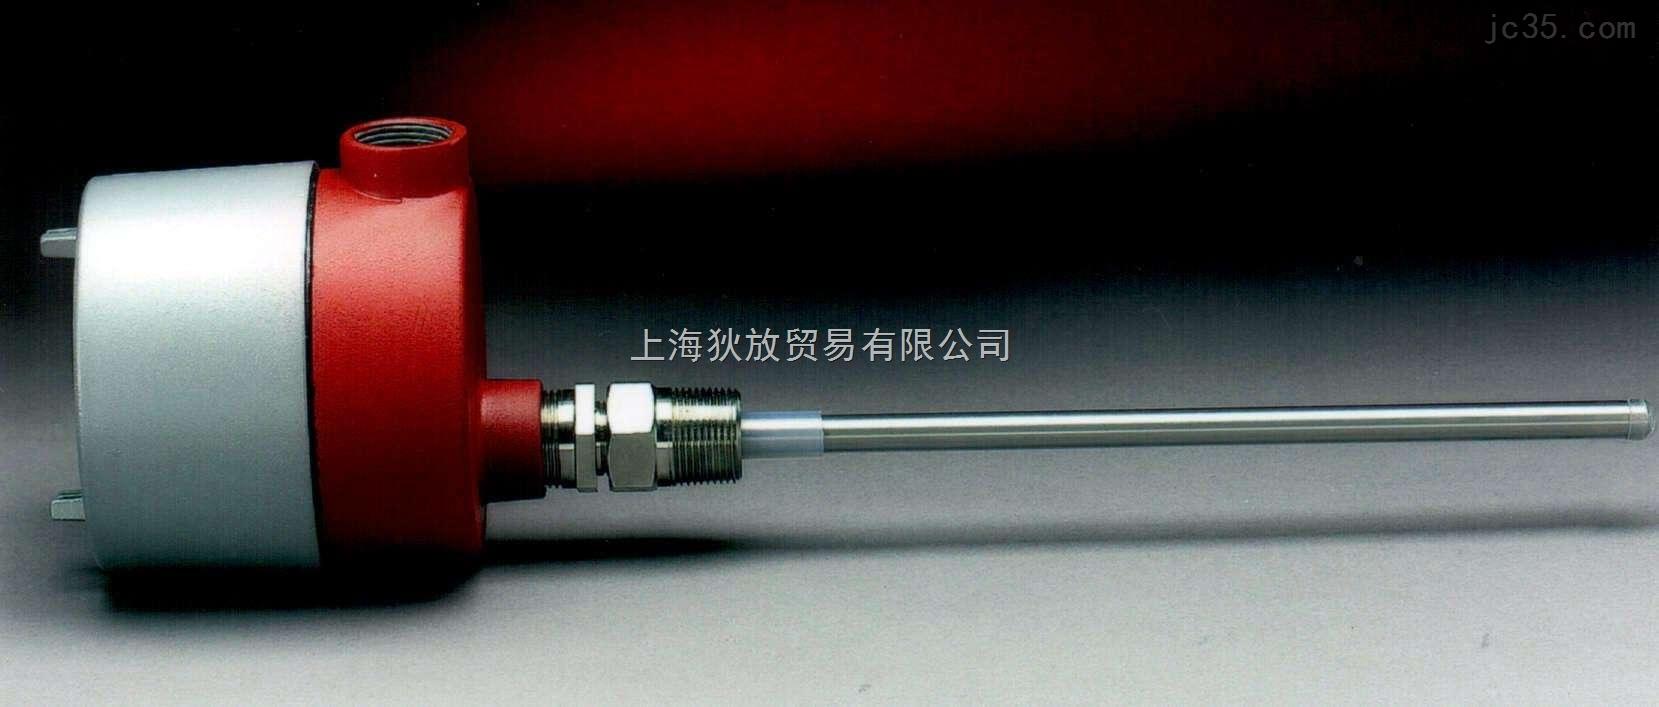 控制器和传感器之间电缆可达1000米安装螺纹:1〃npt探头材料:不锈钢,t